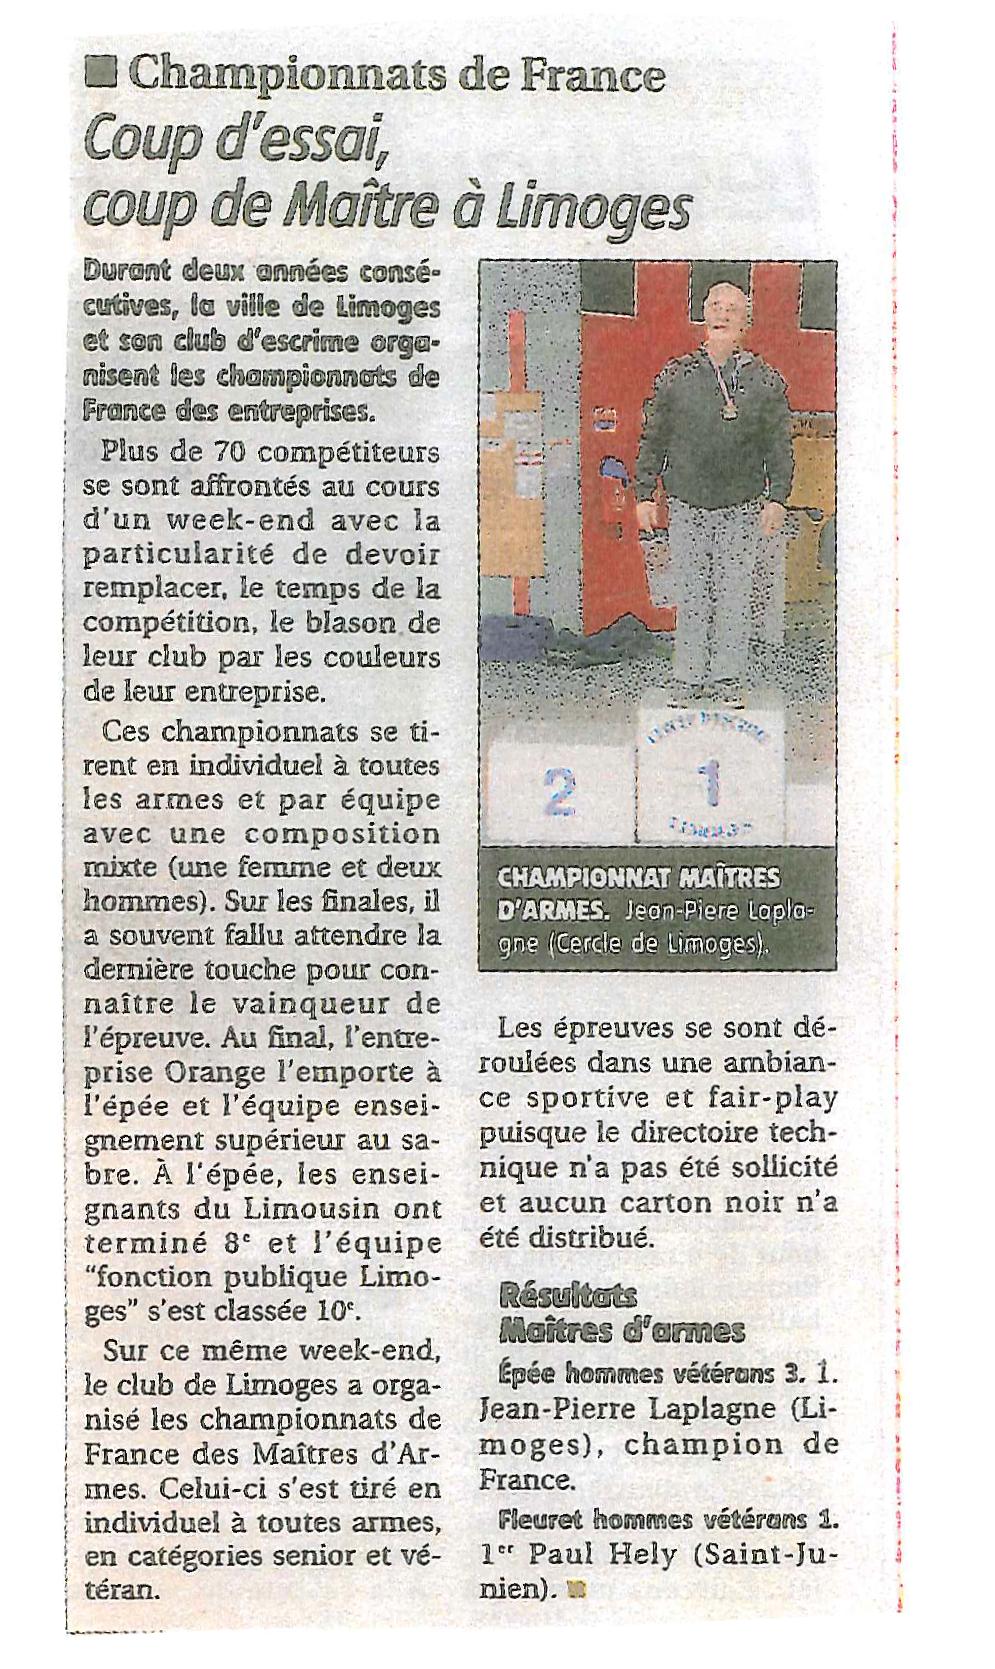 Chpts de France Entrep. et M. d'arme